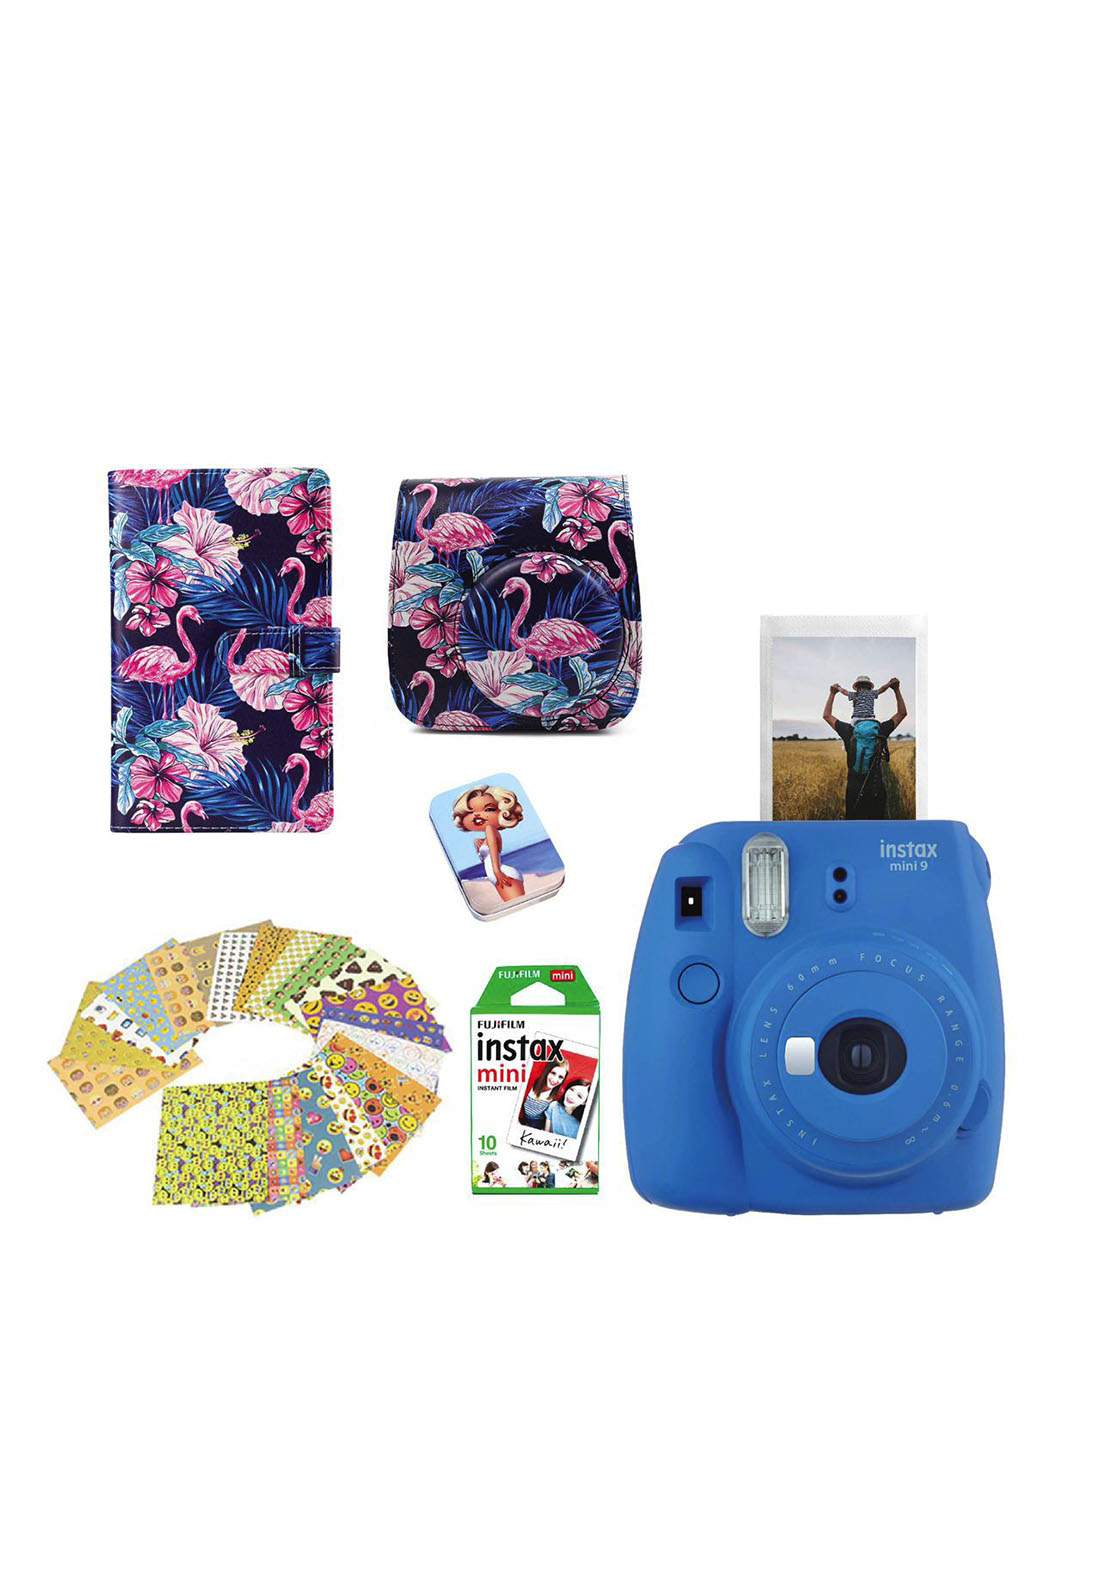 Fujifilm Instax LifeStyle Pack Mini9 Camera Package - Blue كاميرا فورية